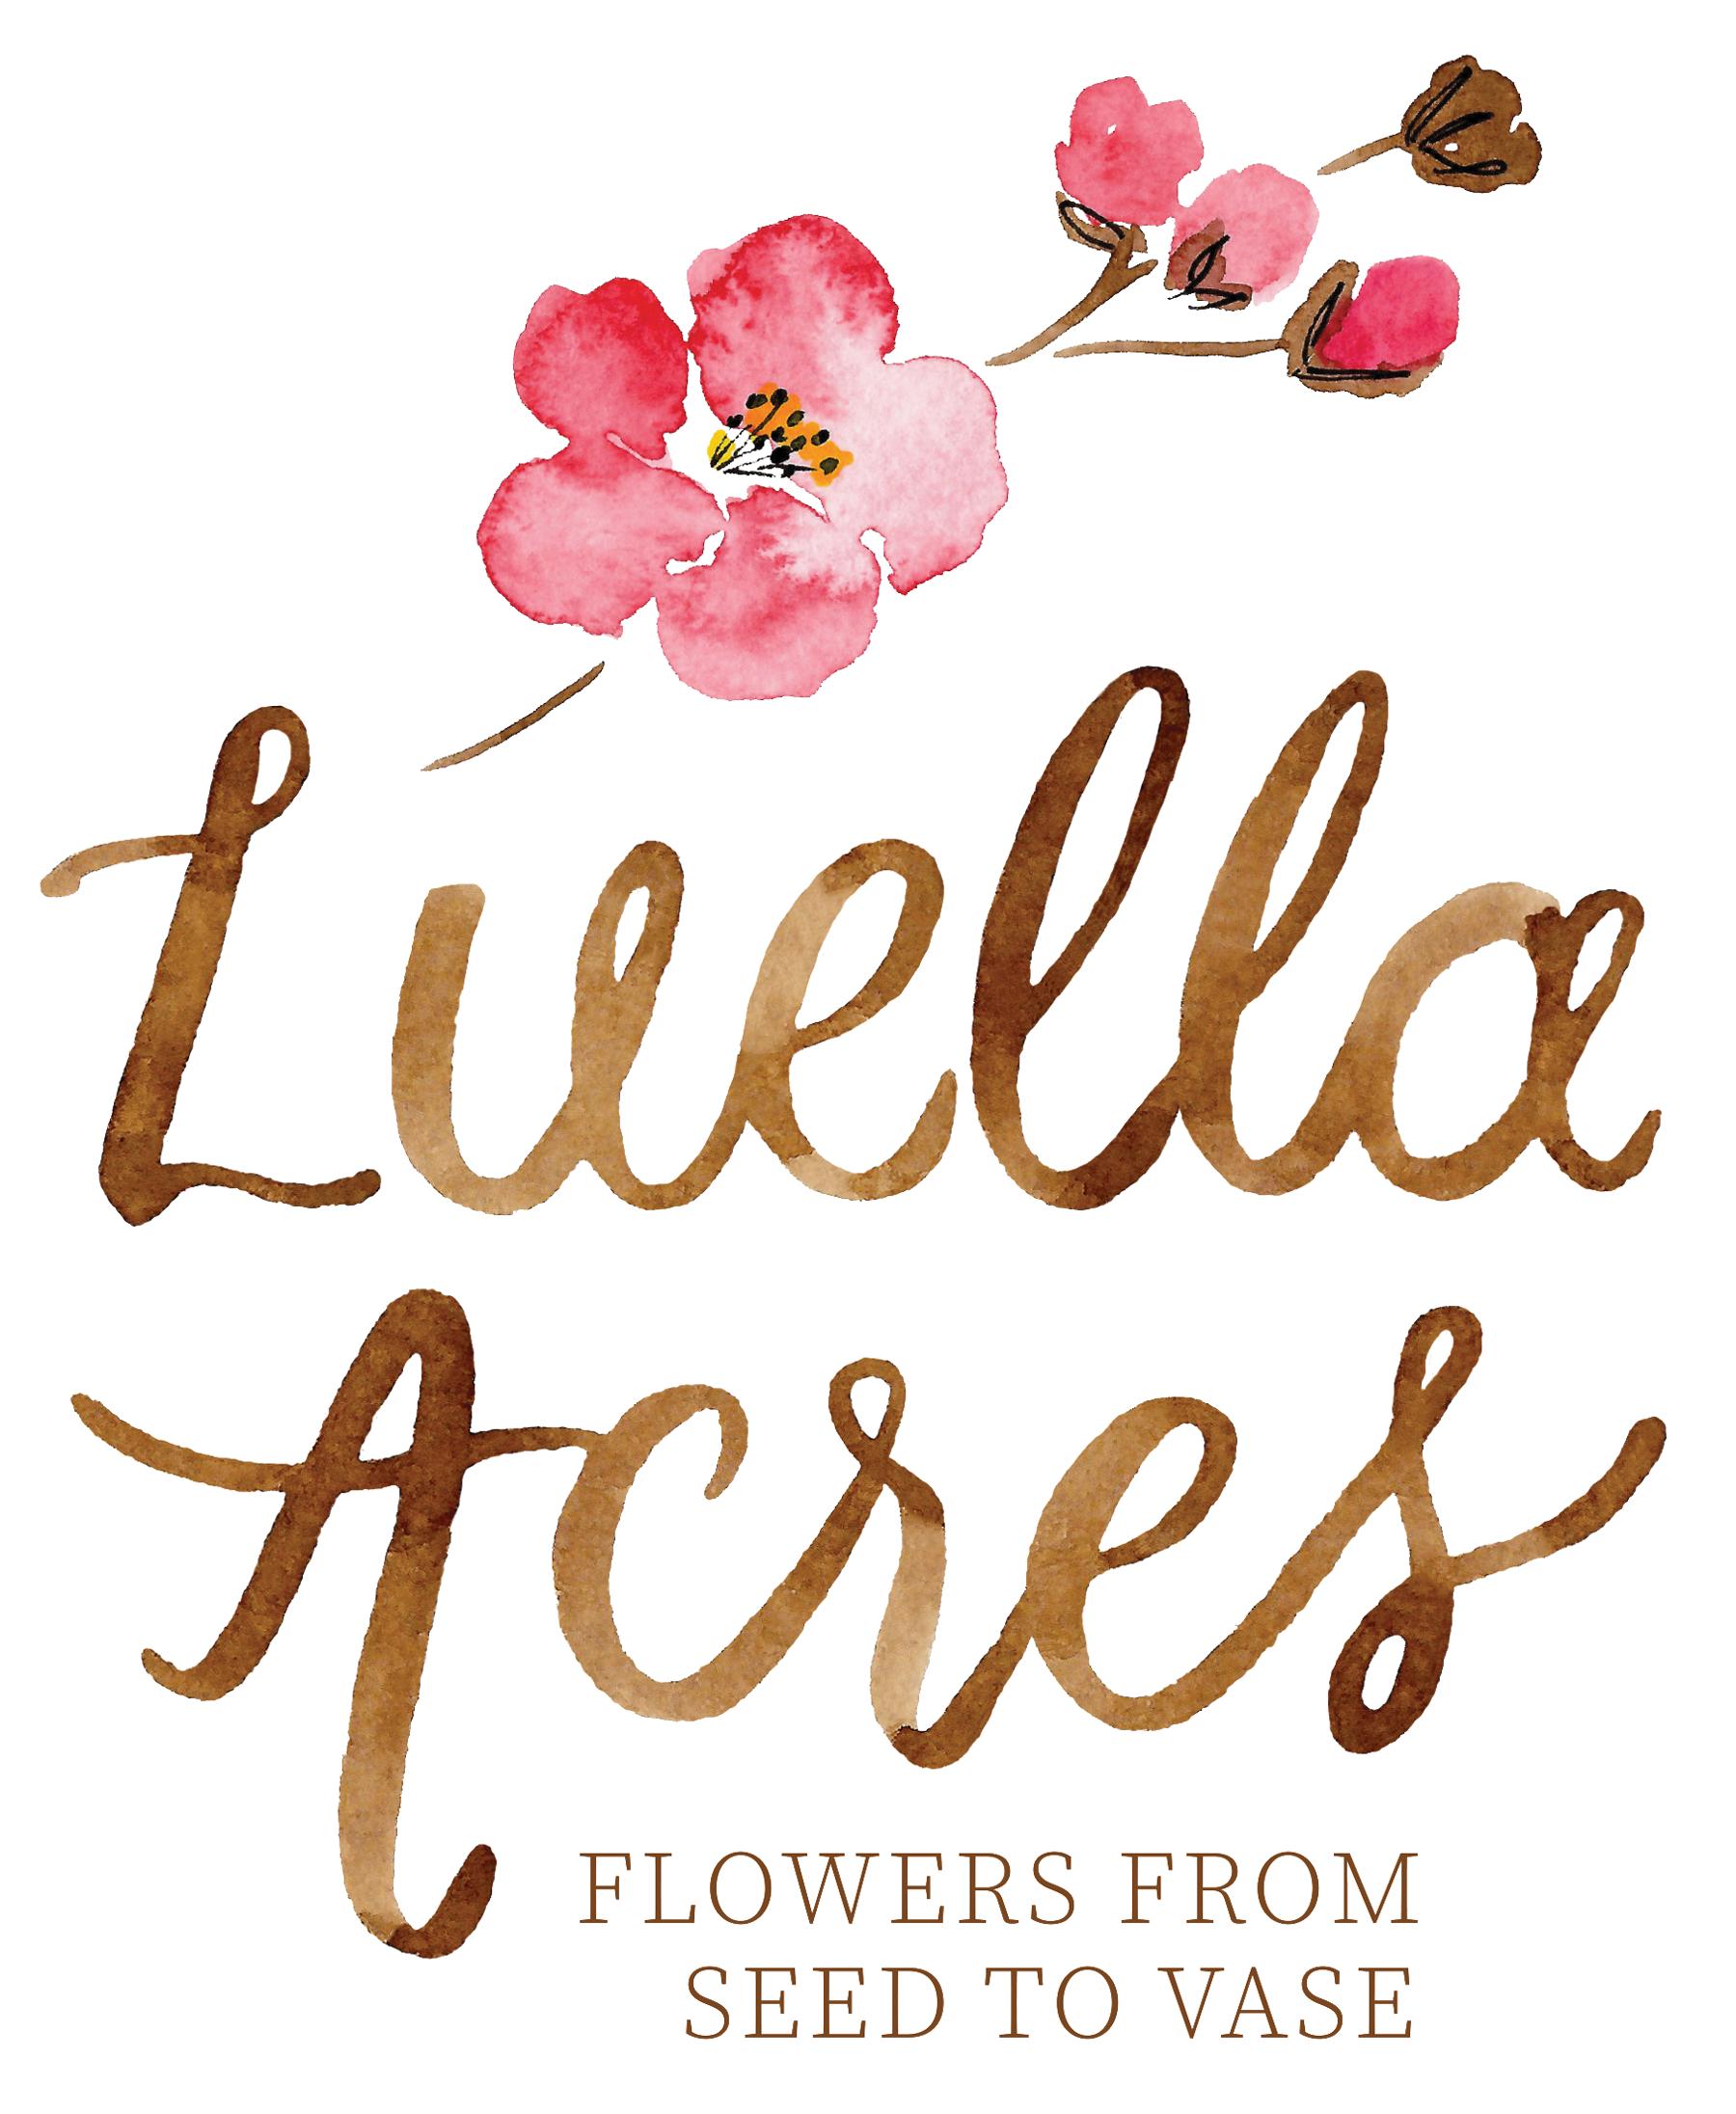 Luella-Acres-Logo-Color-1800px-transparent.png